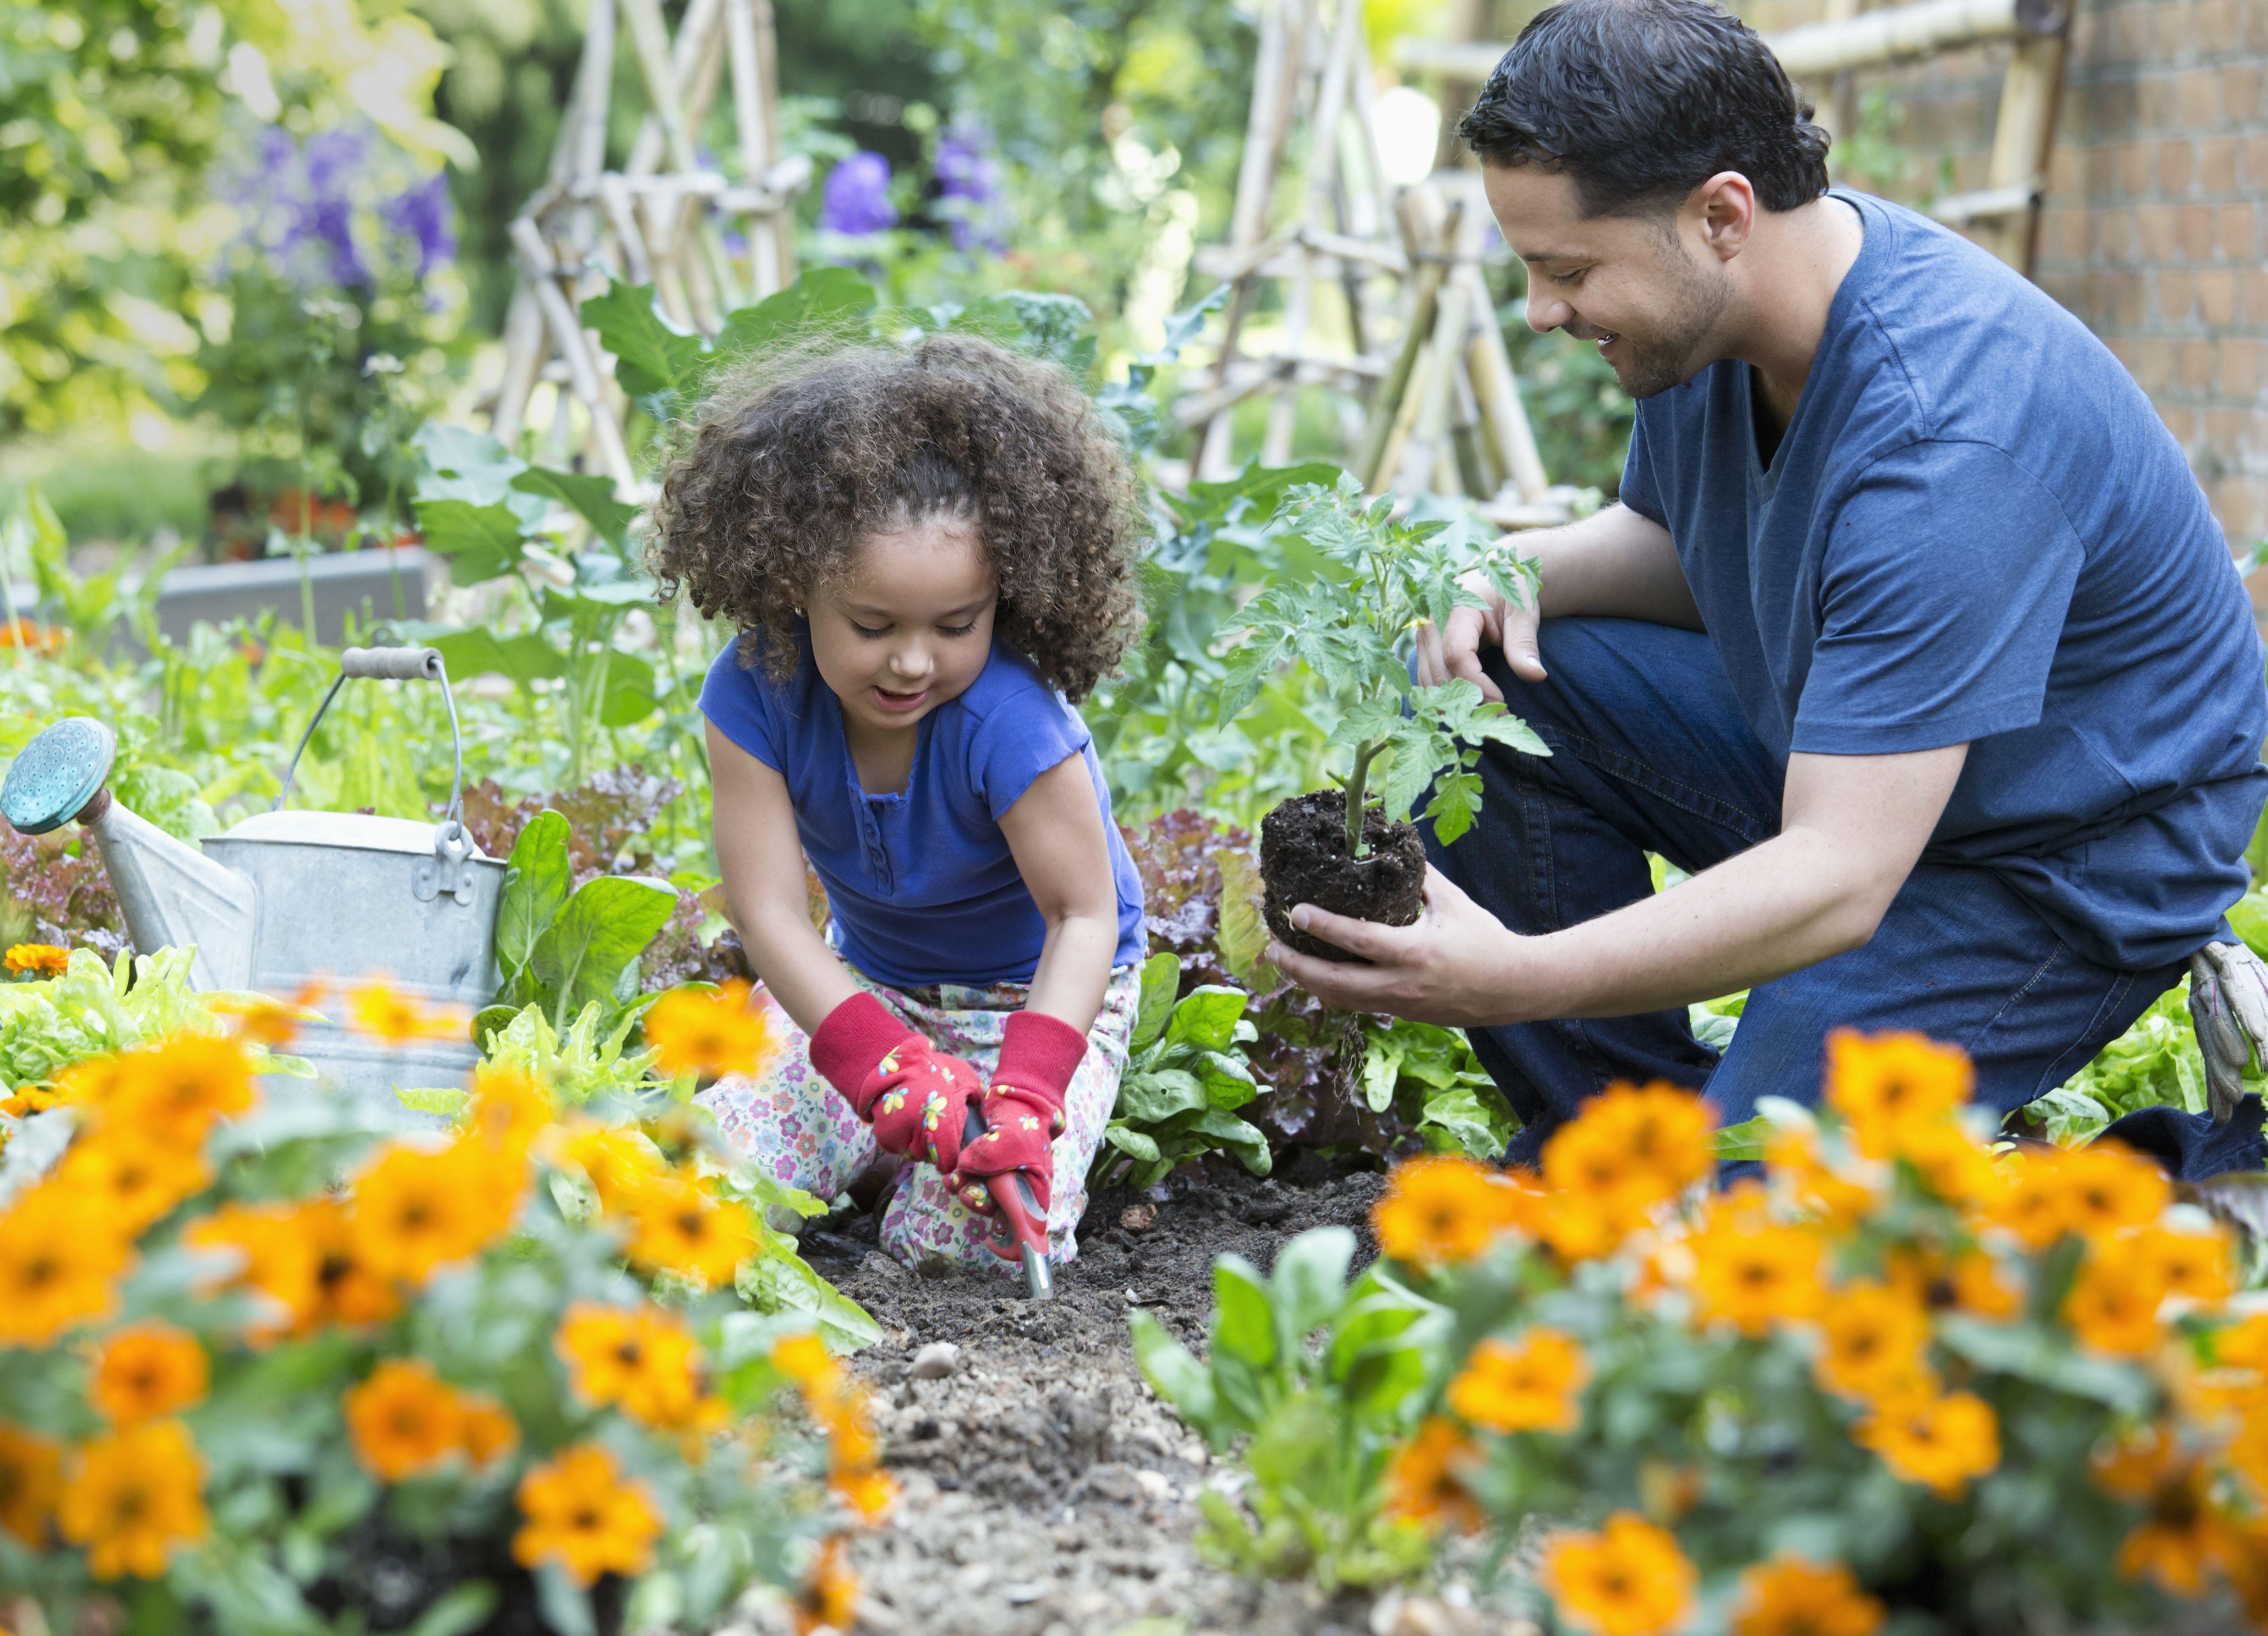 Benefits Of Having A Family Garden